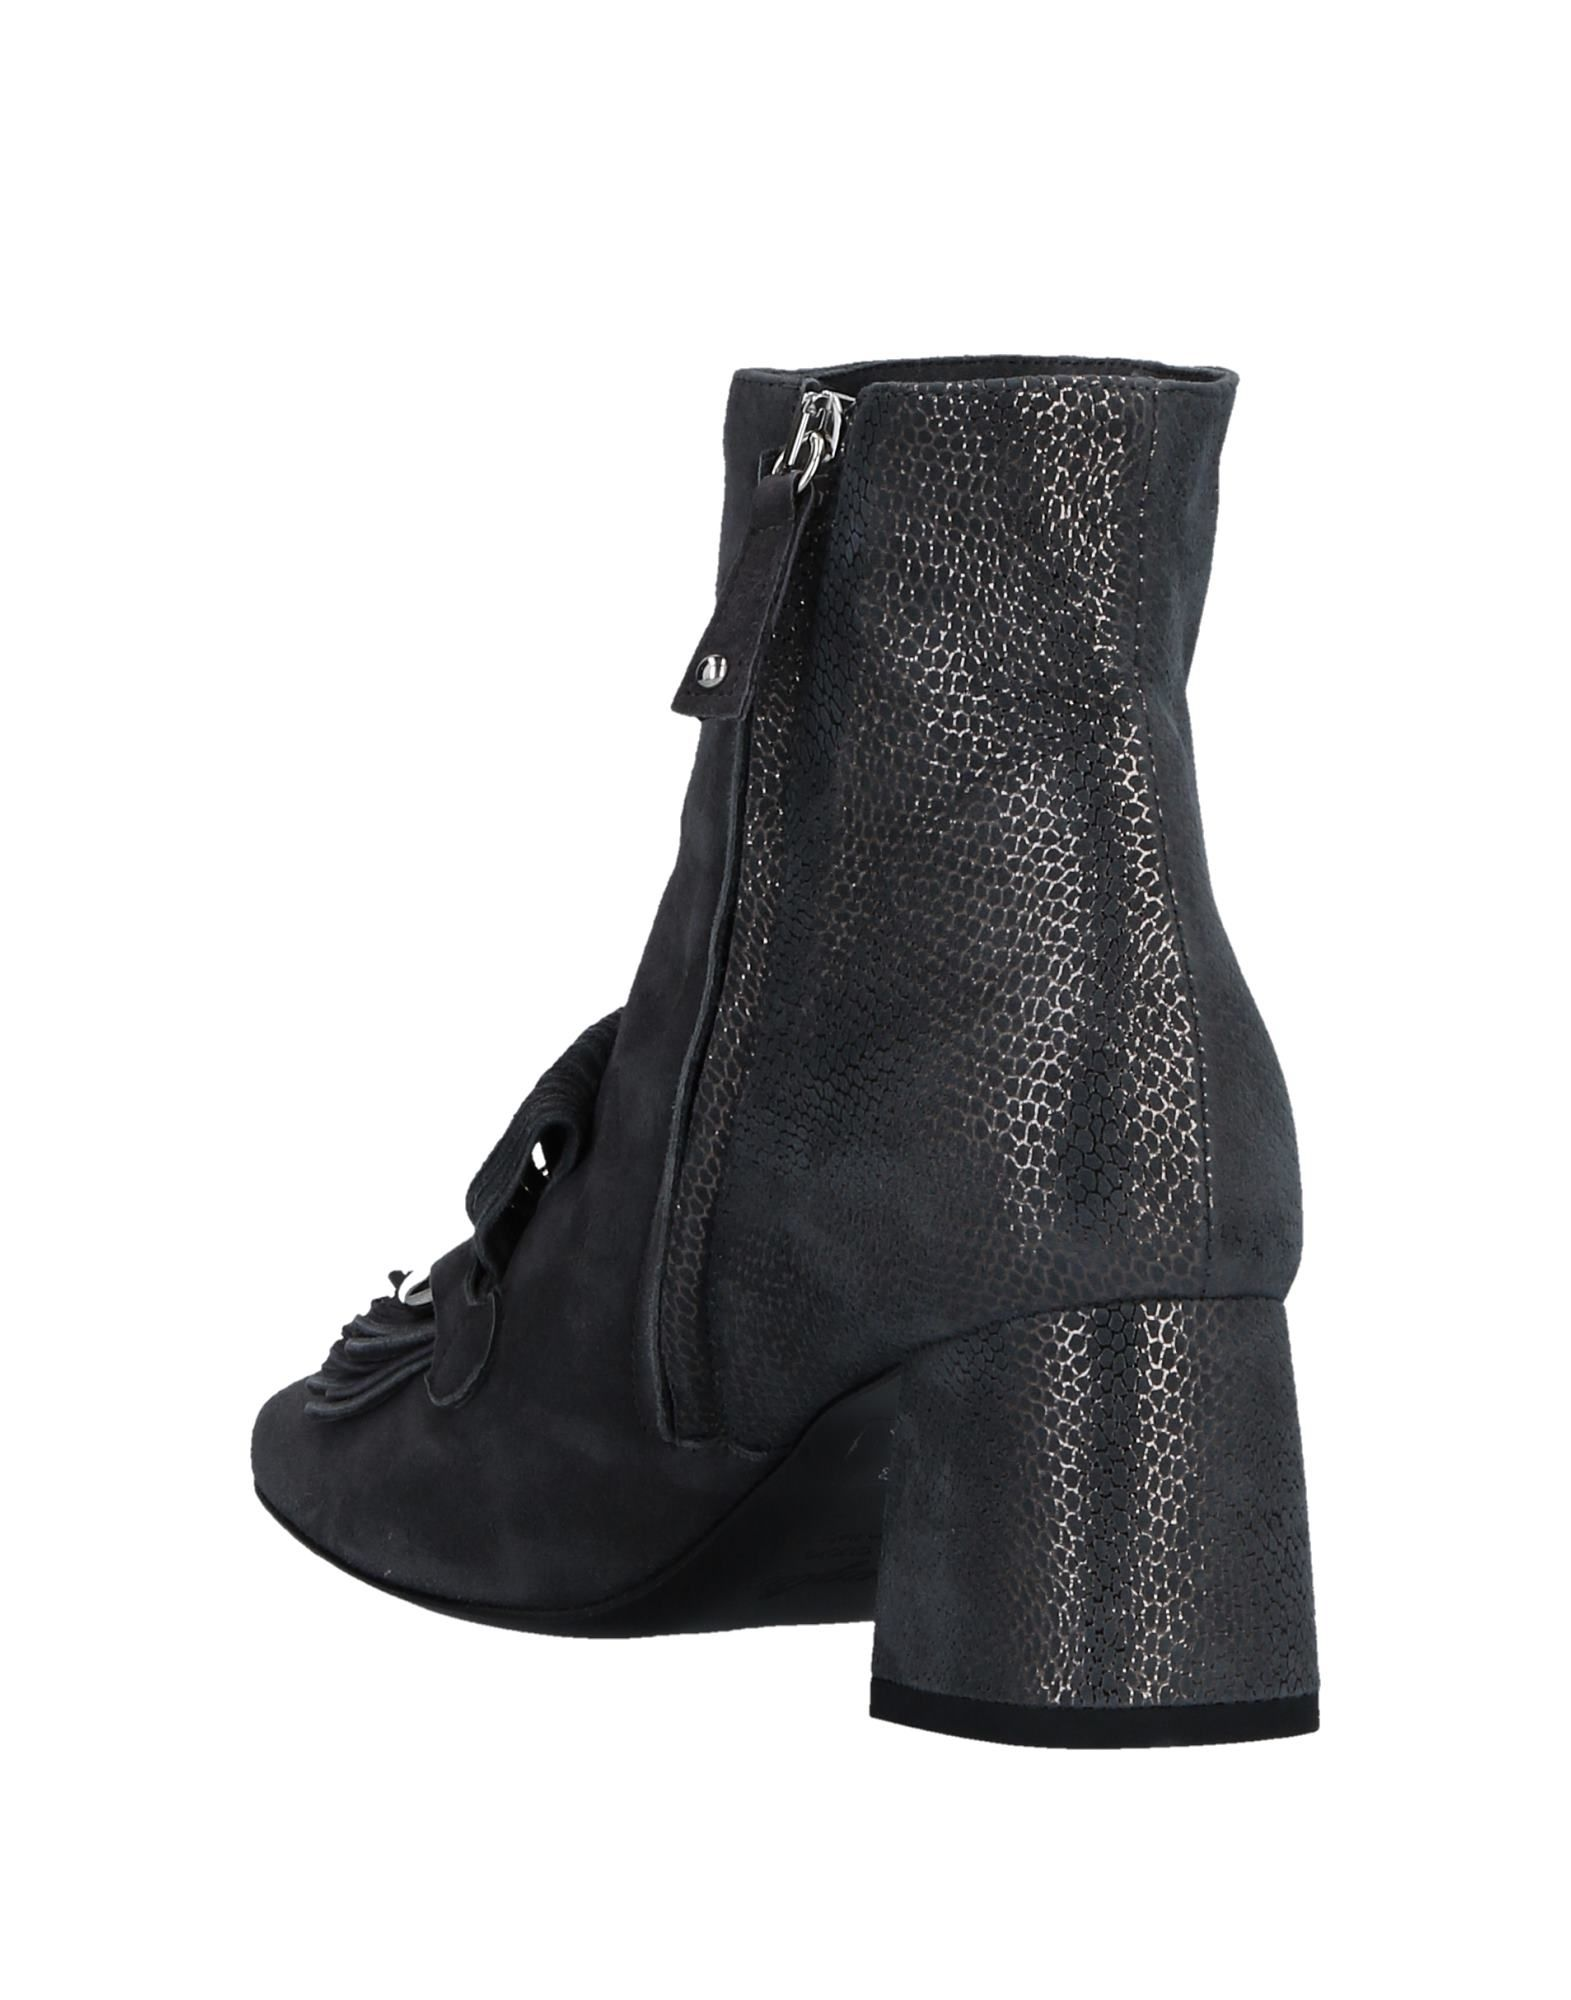 Rabatt Damen Schuhe F.Lli Bruglia Stiefelette Damen Rabatt  11520103IX 3e589d